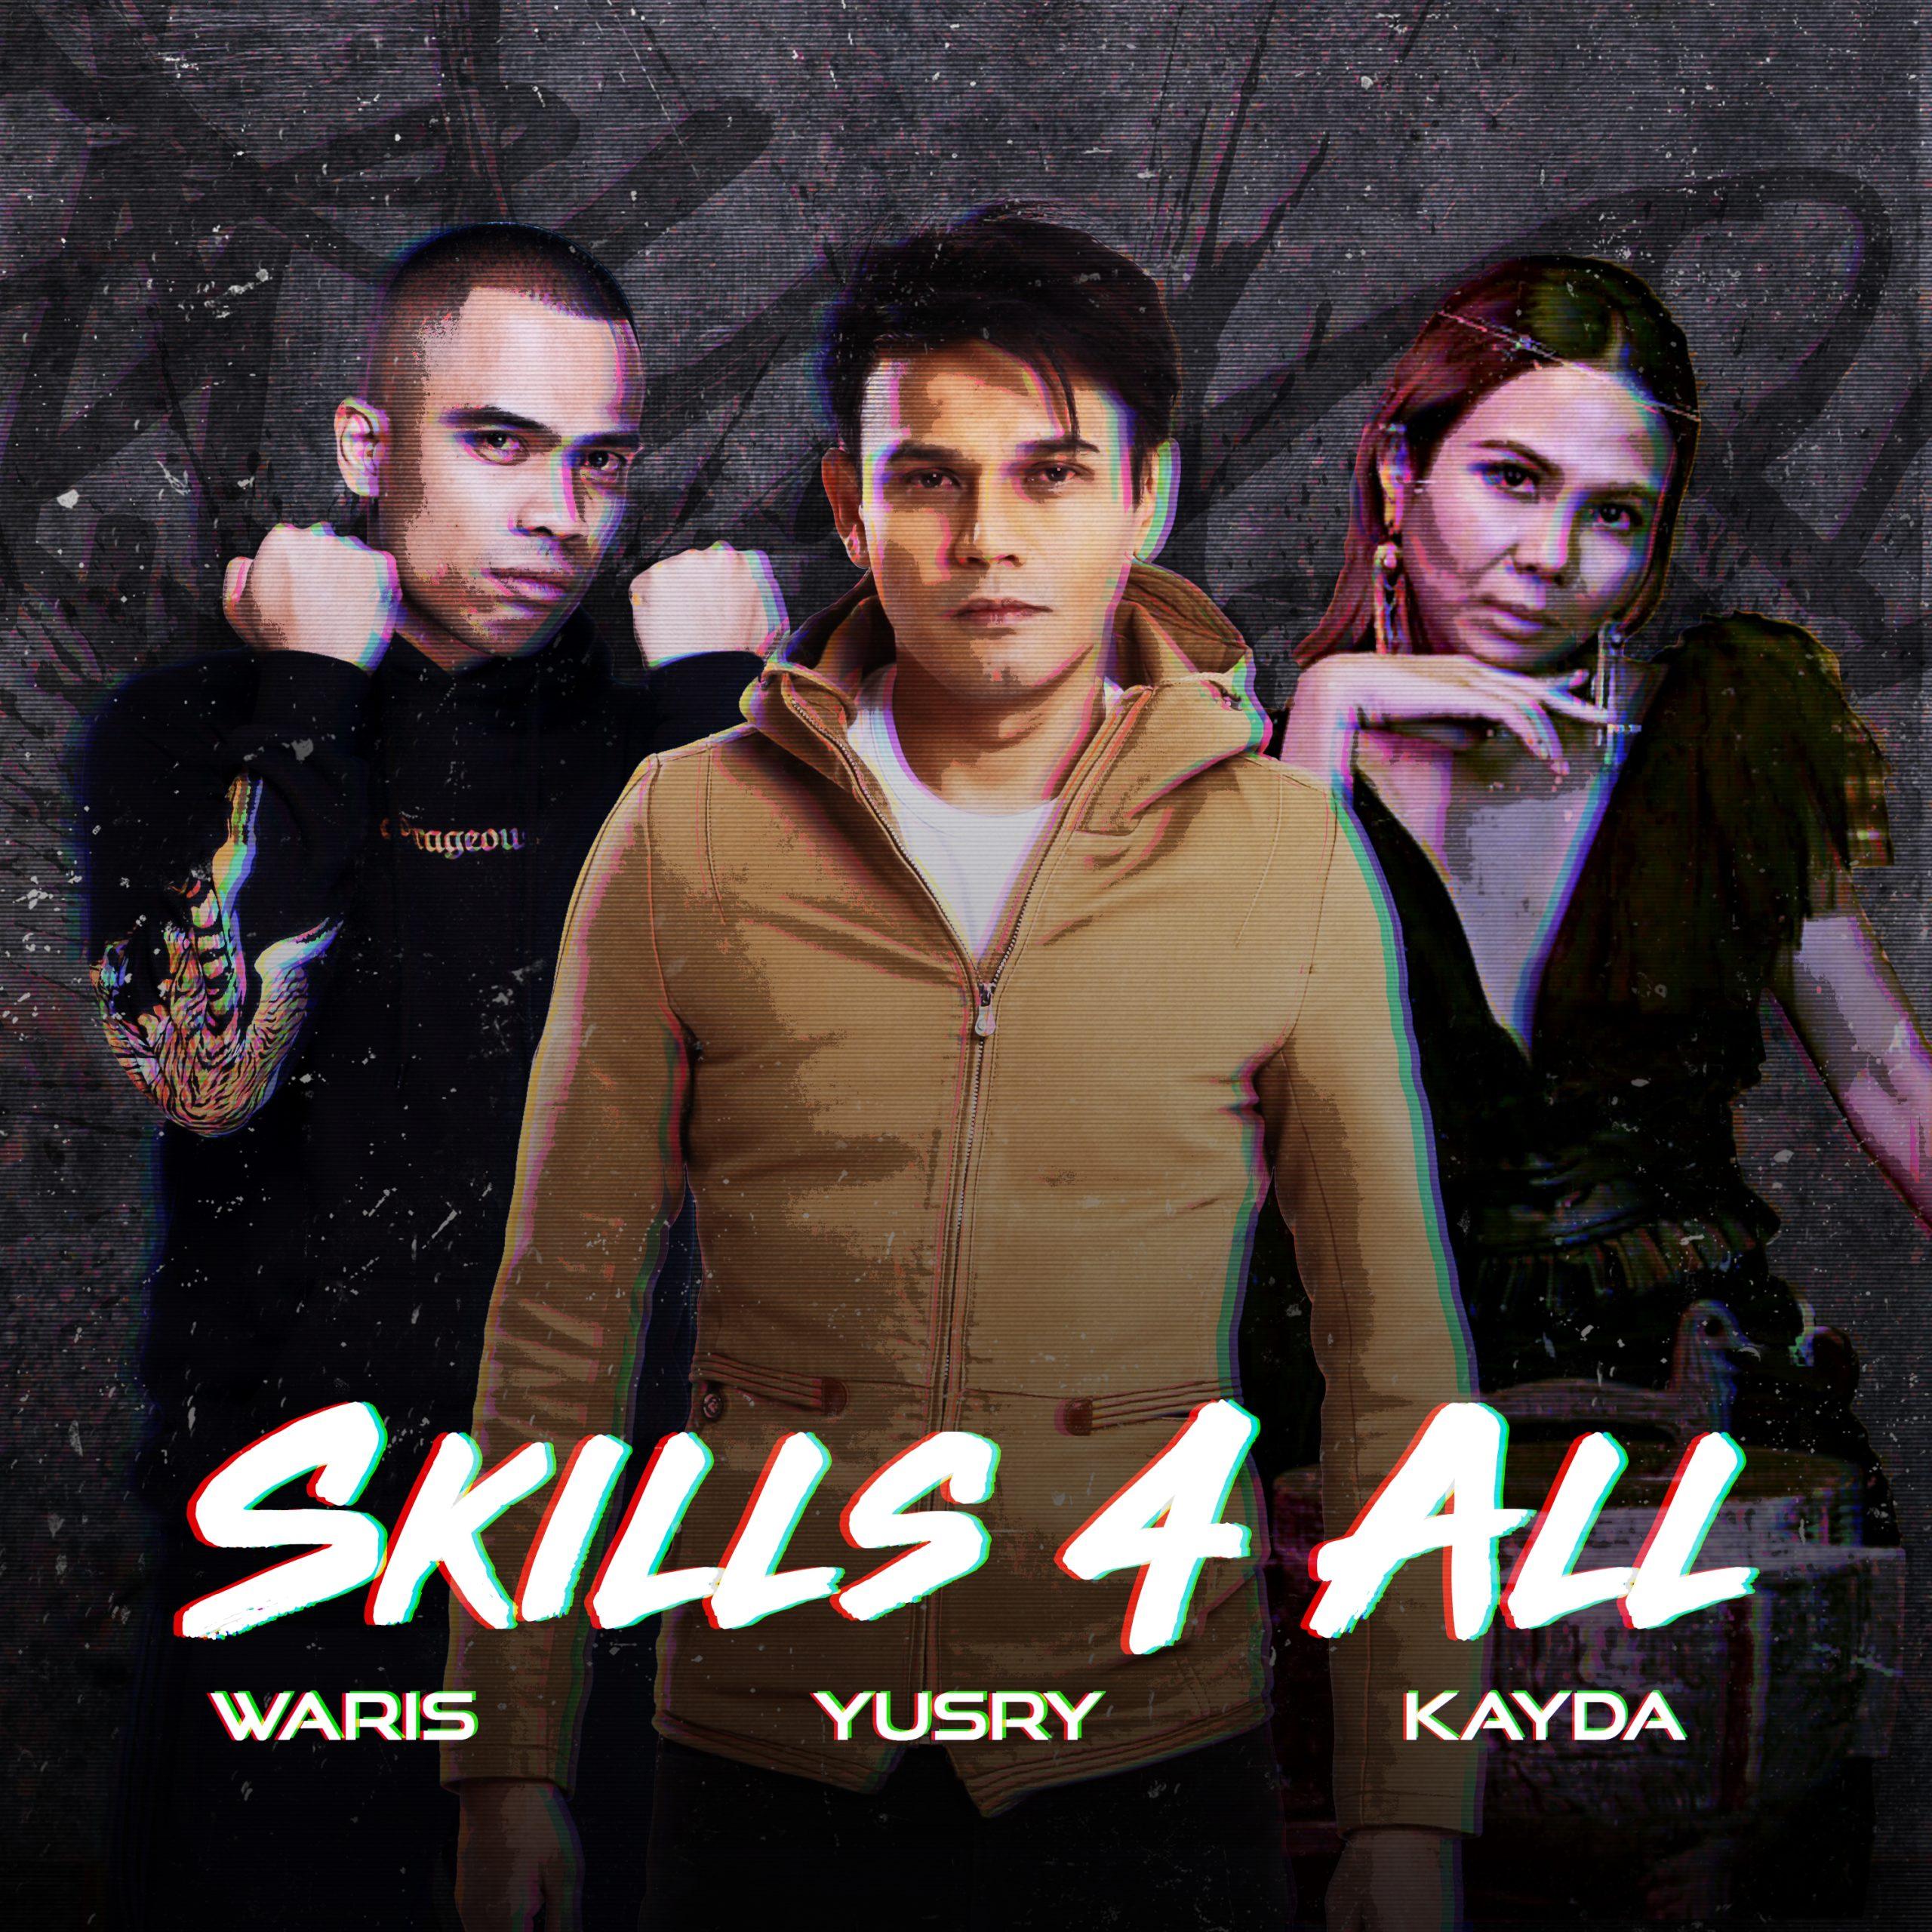 Skills 4 All